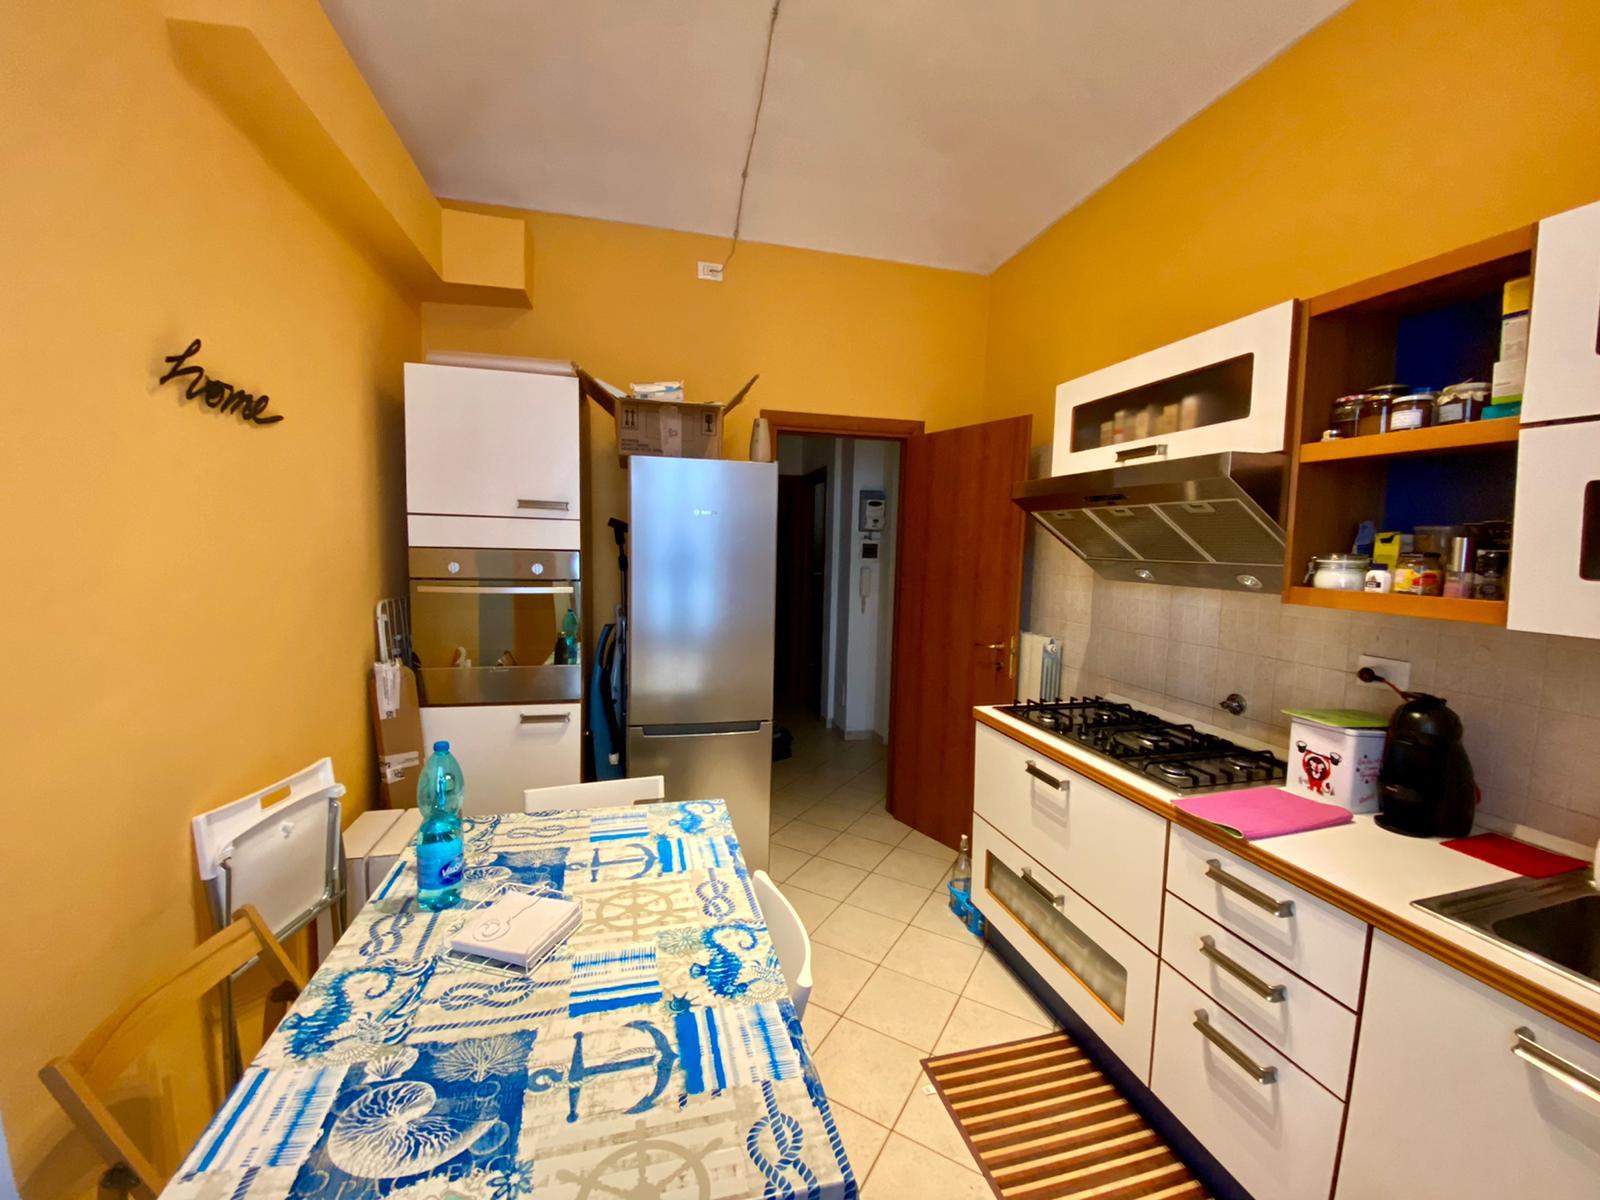 Trilocale arredato in affitto in zona Cit Turin.